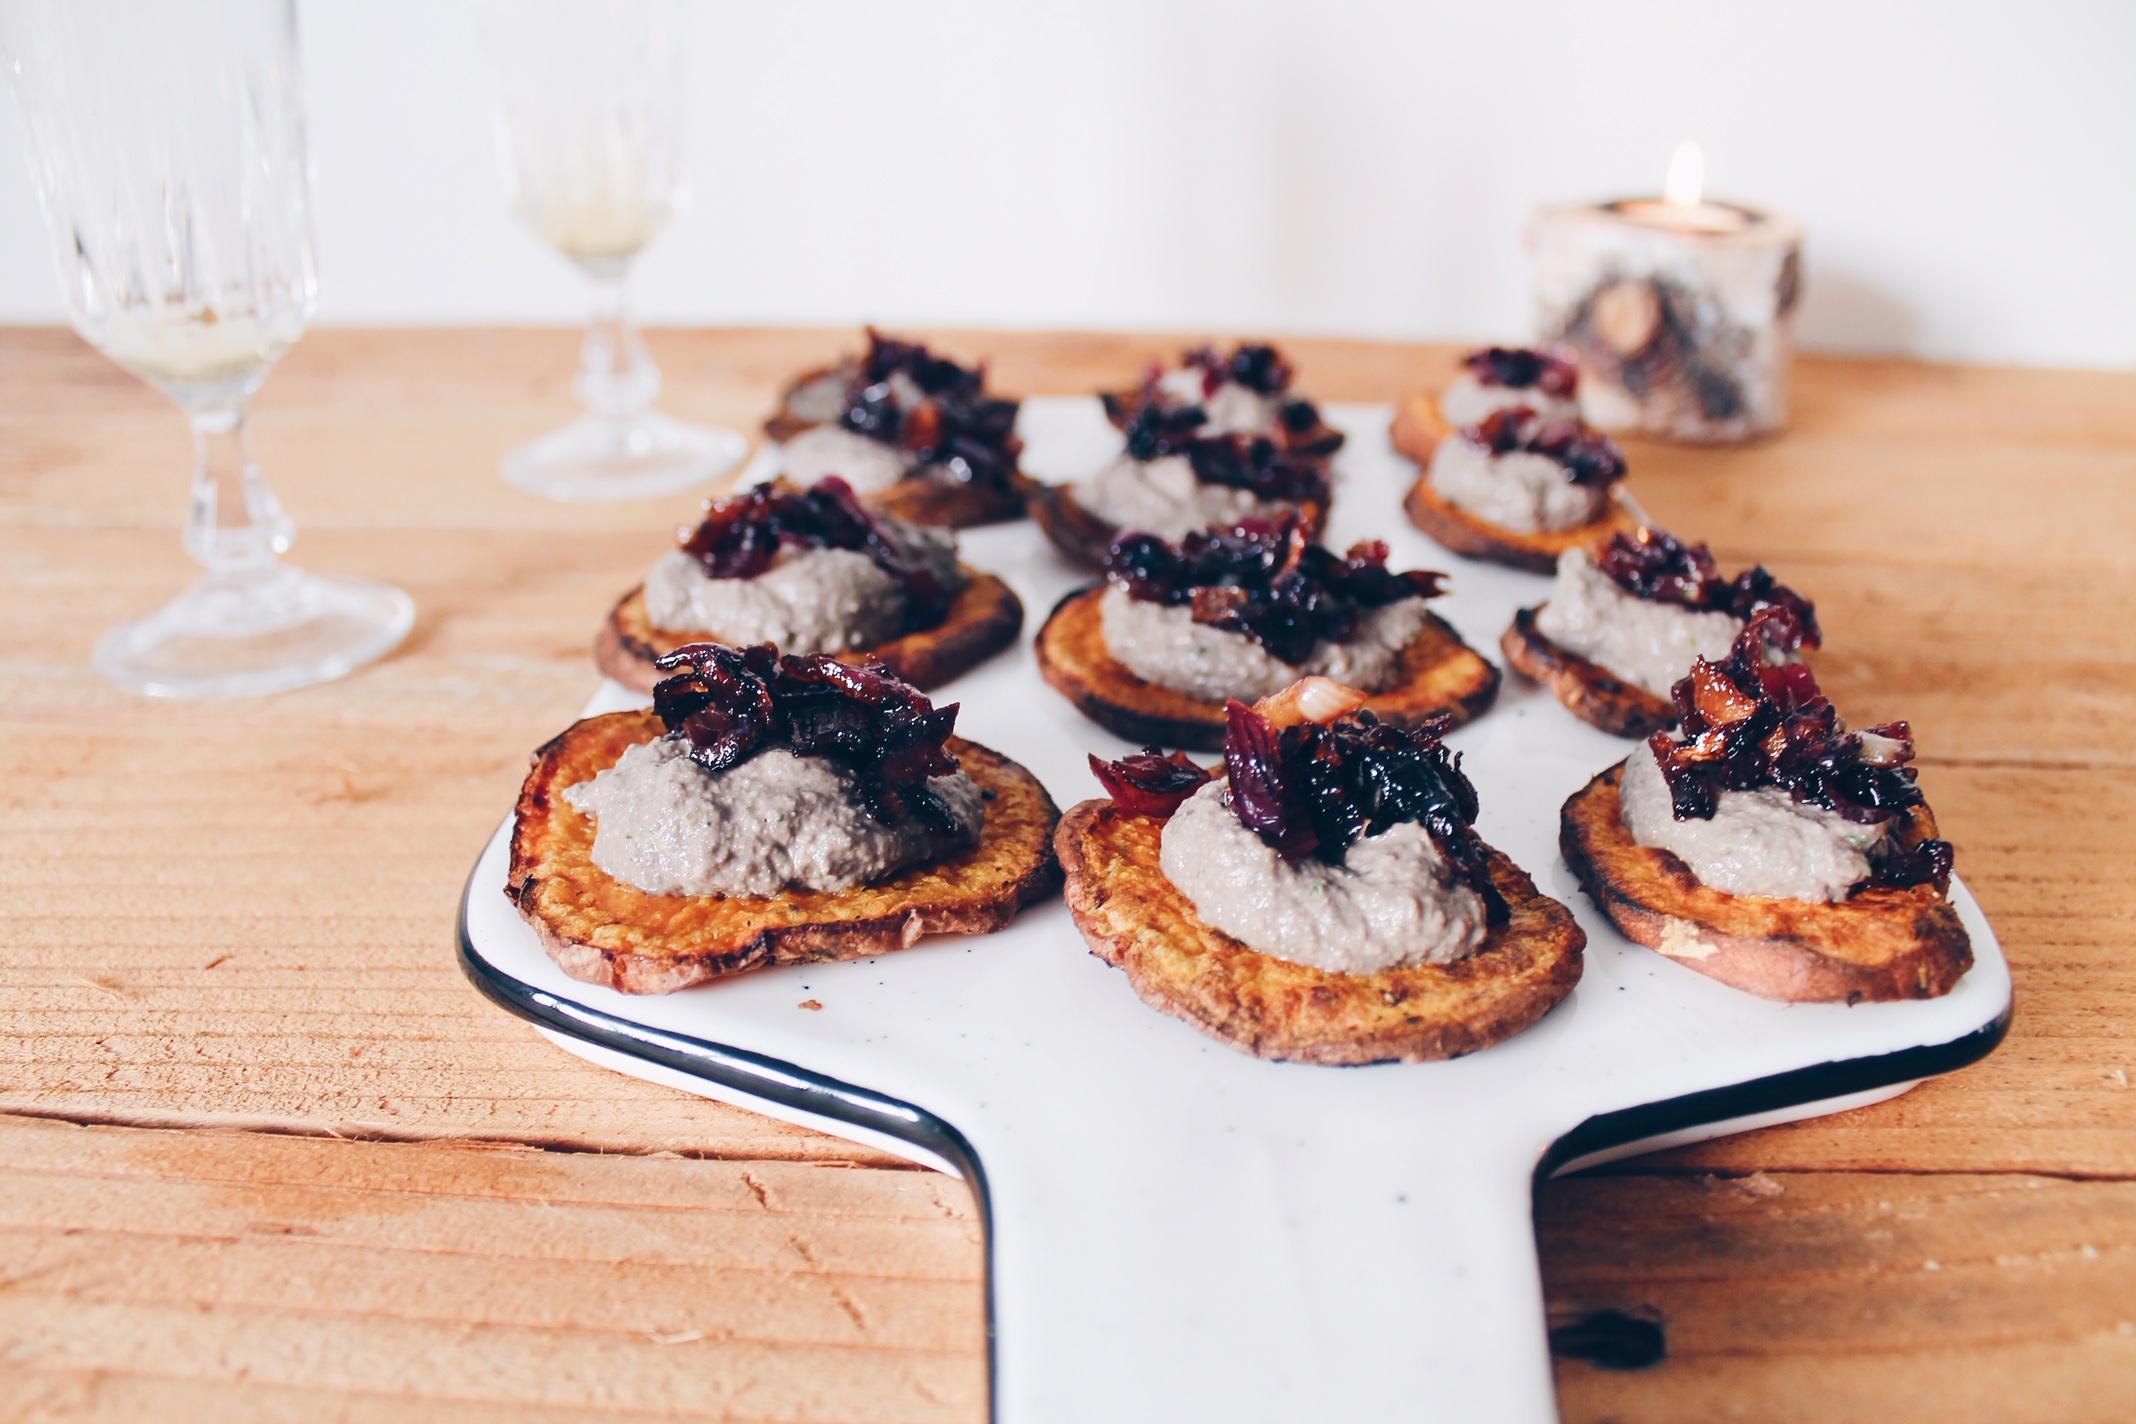 Recette d'apéro original et vegan : des toasts de patate douce recouverts d'une crème aux champignons et d'oignons caramélisés